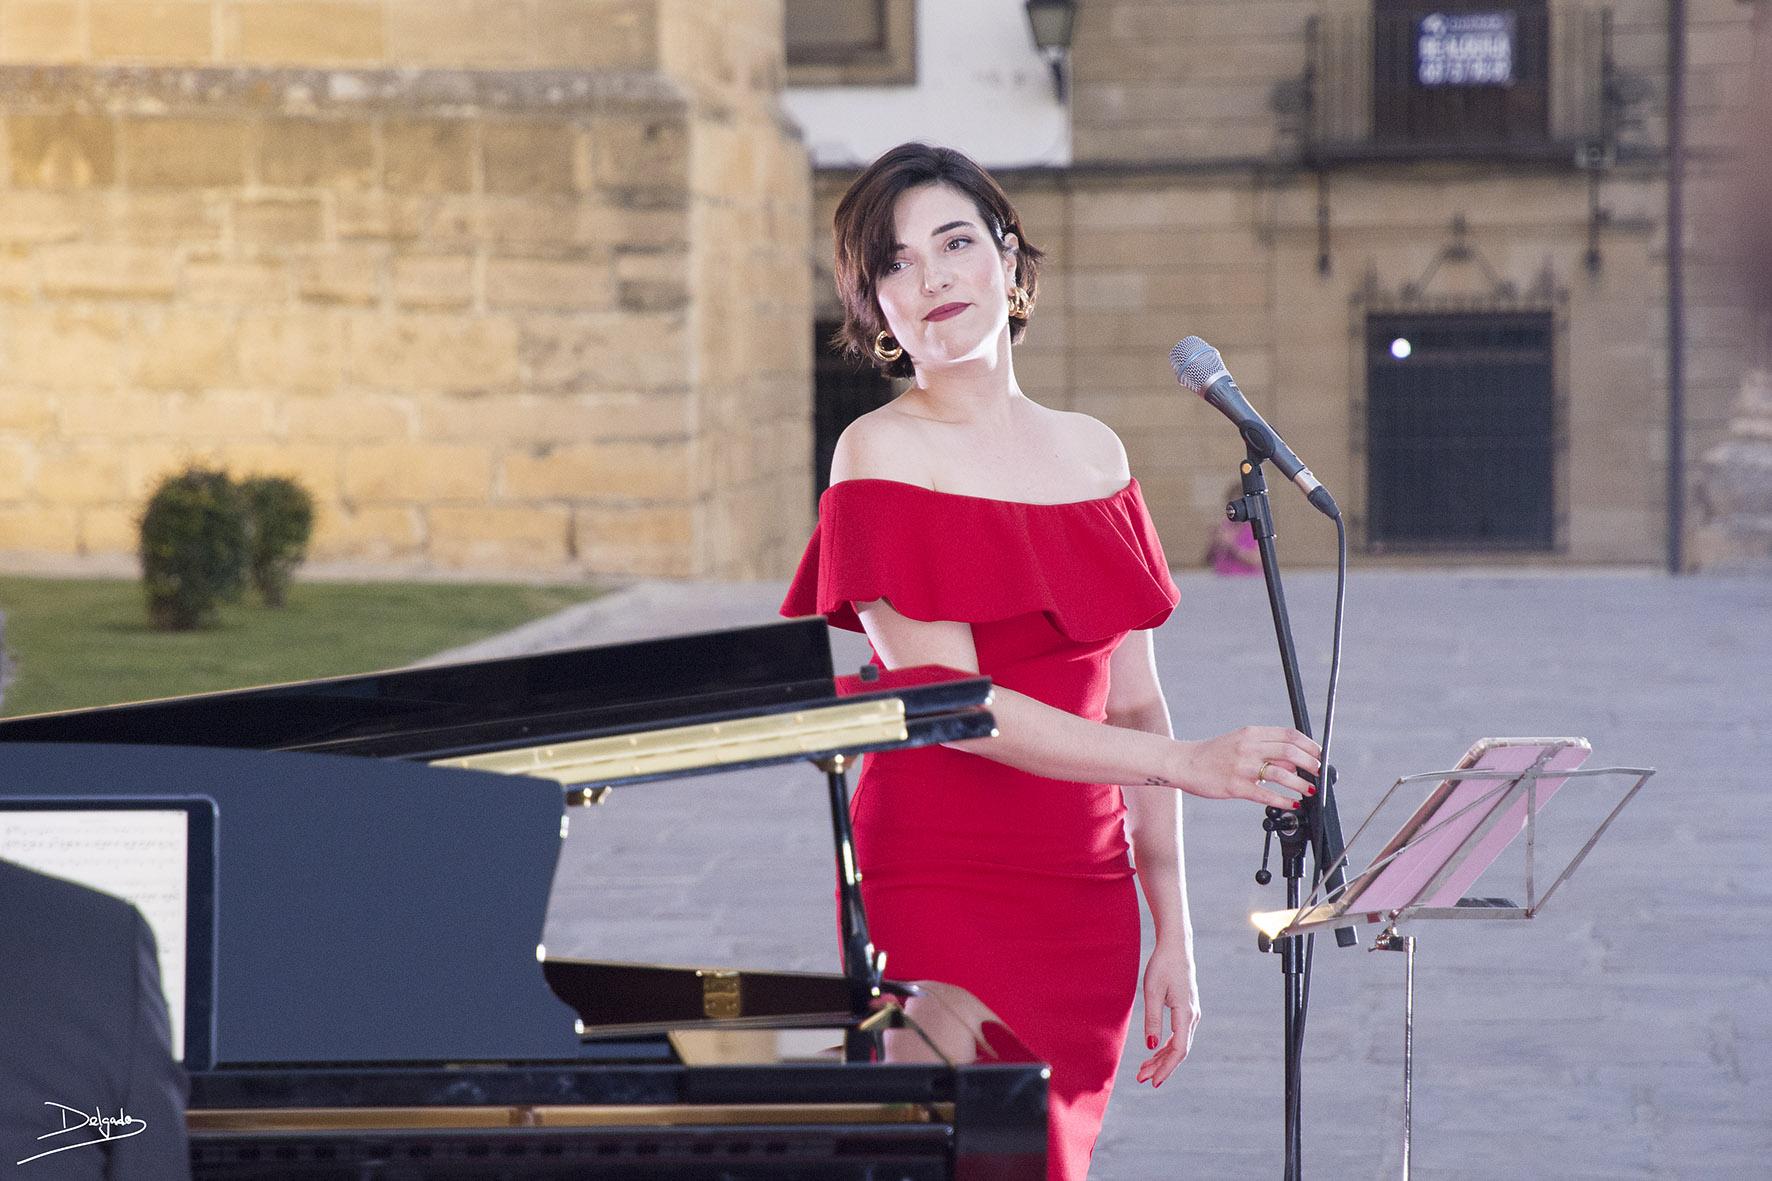 La música de cine a voz y piano